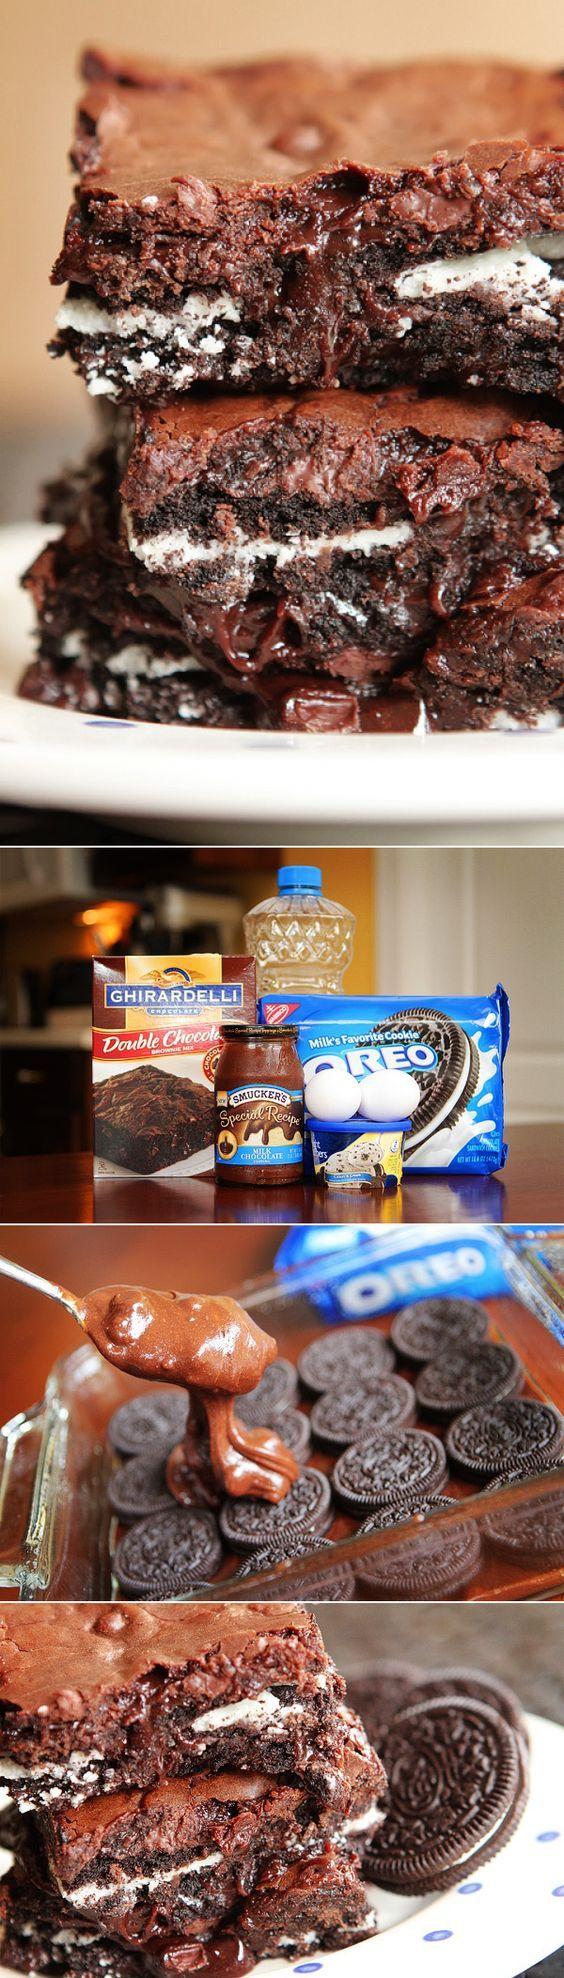 Cookies 'N Cream Oreo Fudge Brownies